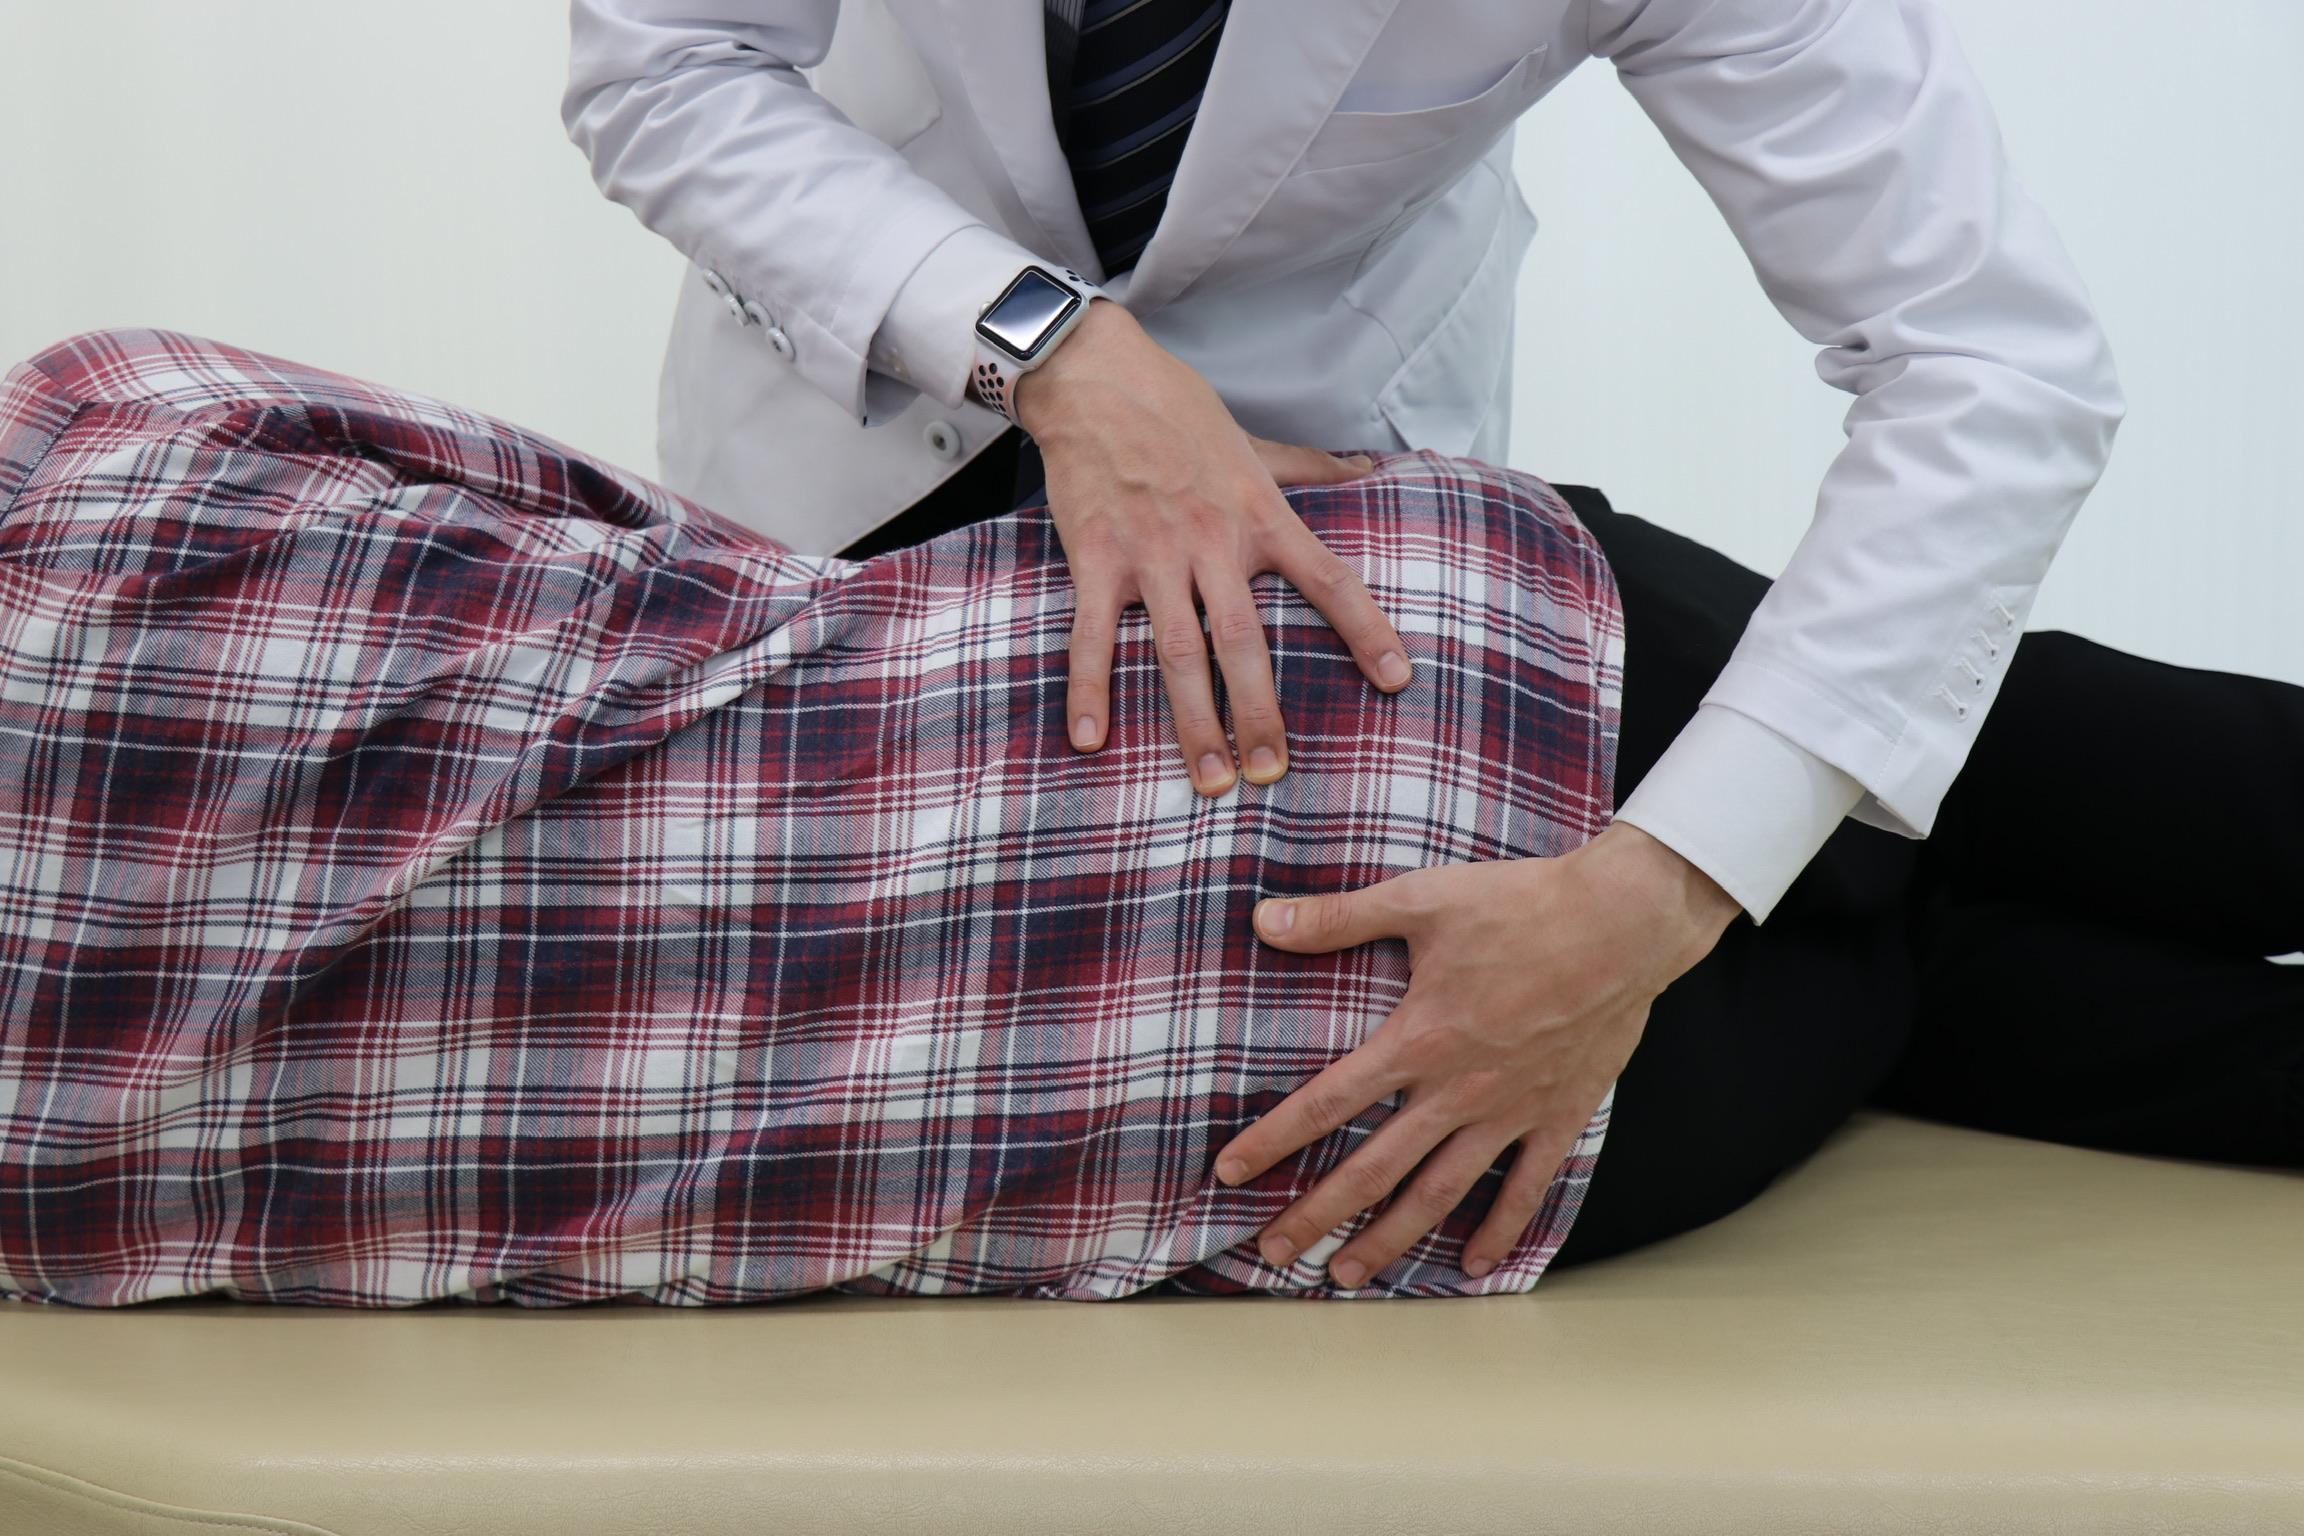 仙腸関節の調整